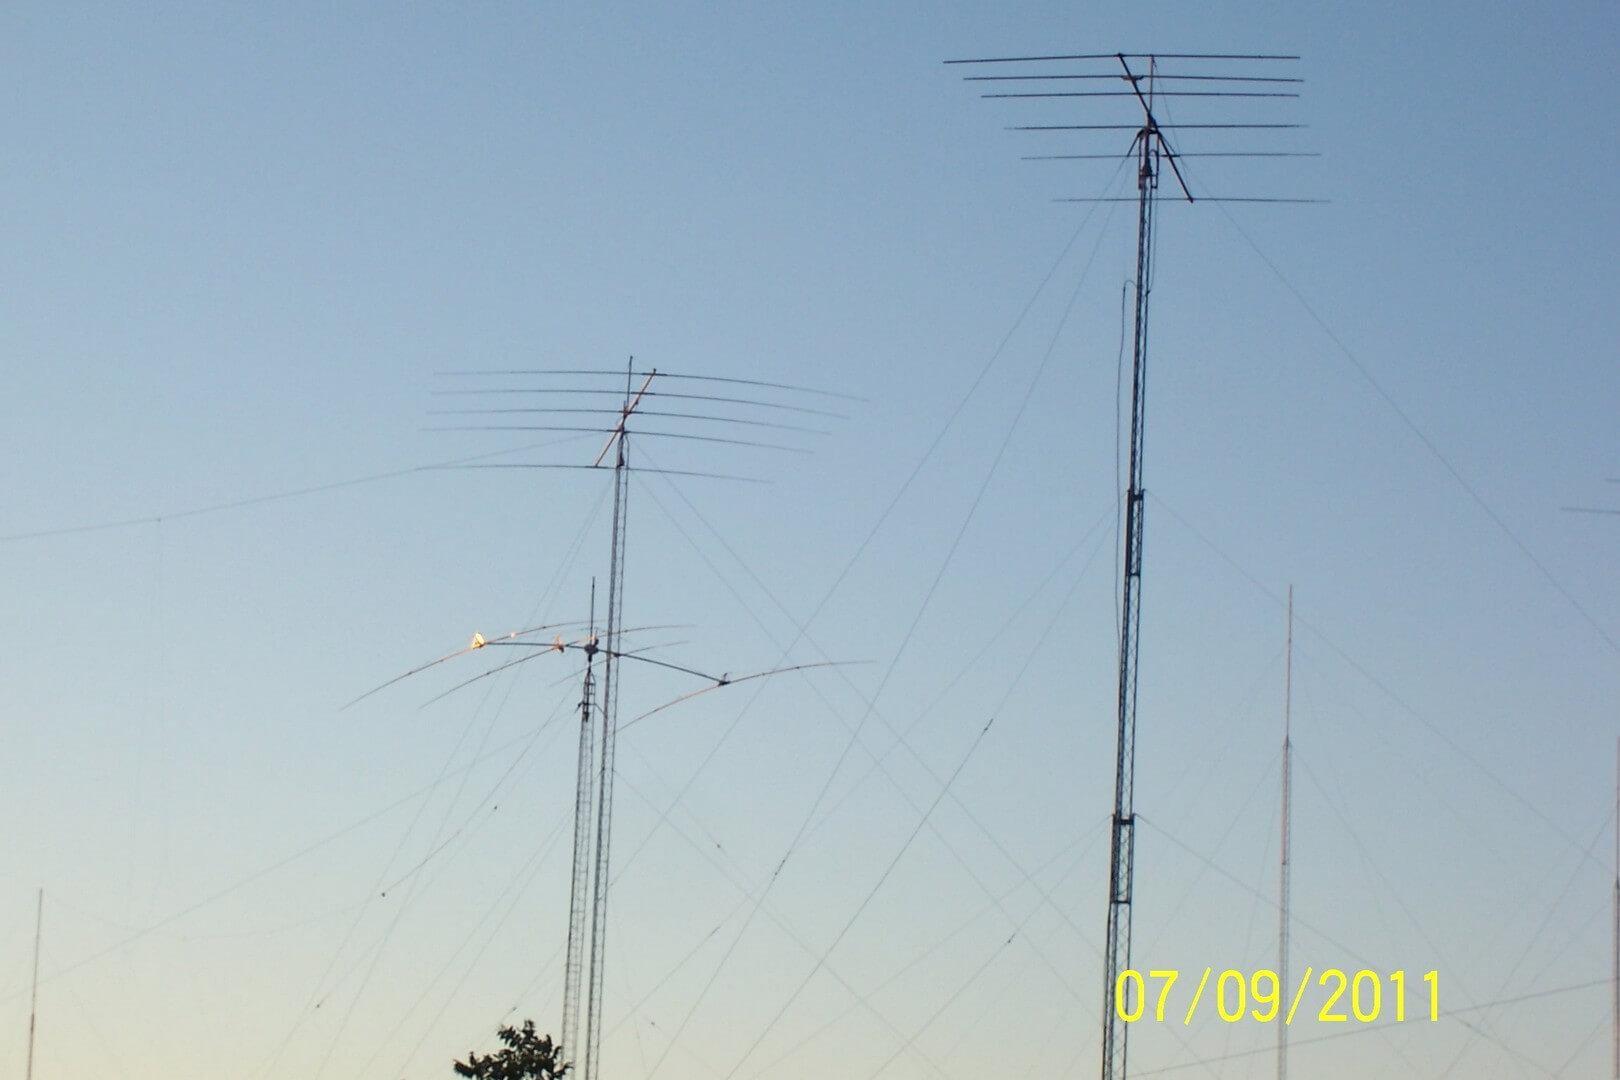 Нажмите на изображение для увеличения.  Название:UH8EA-N8OO8.JPG Просмотров:15 Размер:112.2 Кб ID:208827